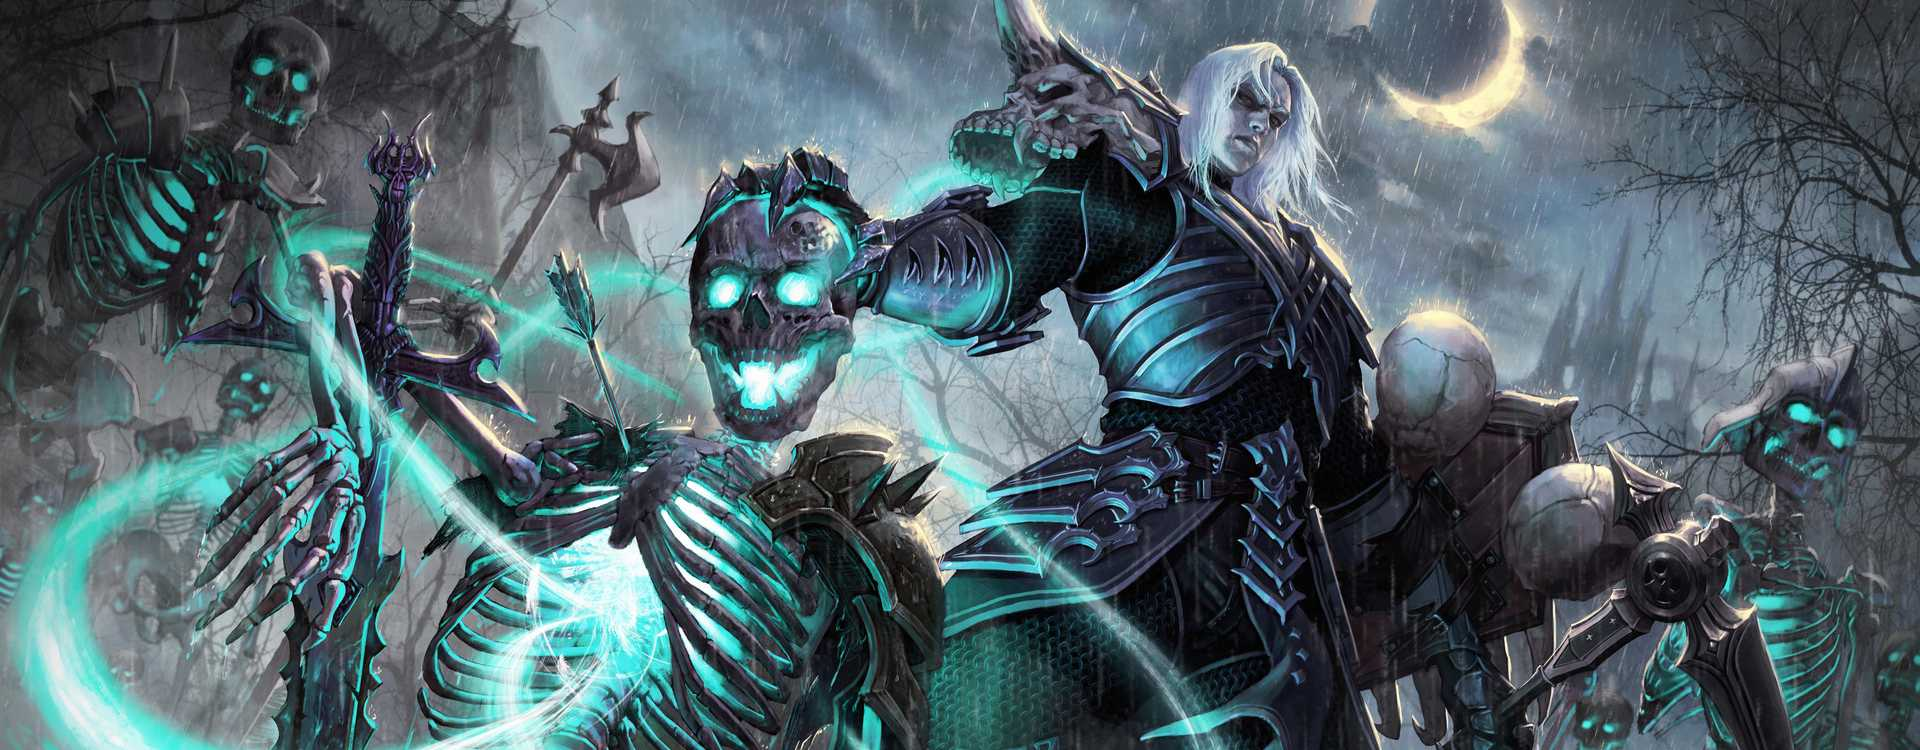 Blizzard kündigt Diablo 4 angeblich nicht an wegen Titan